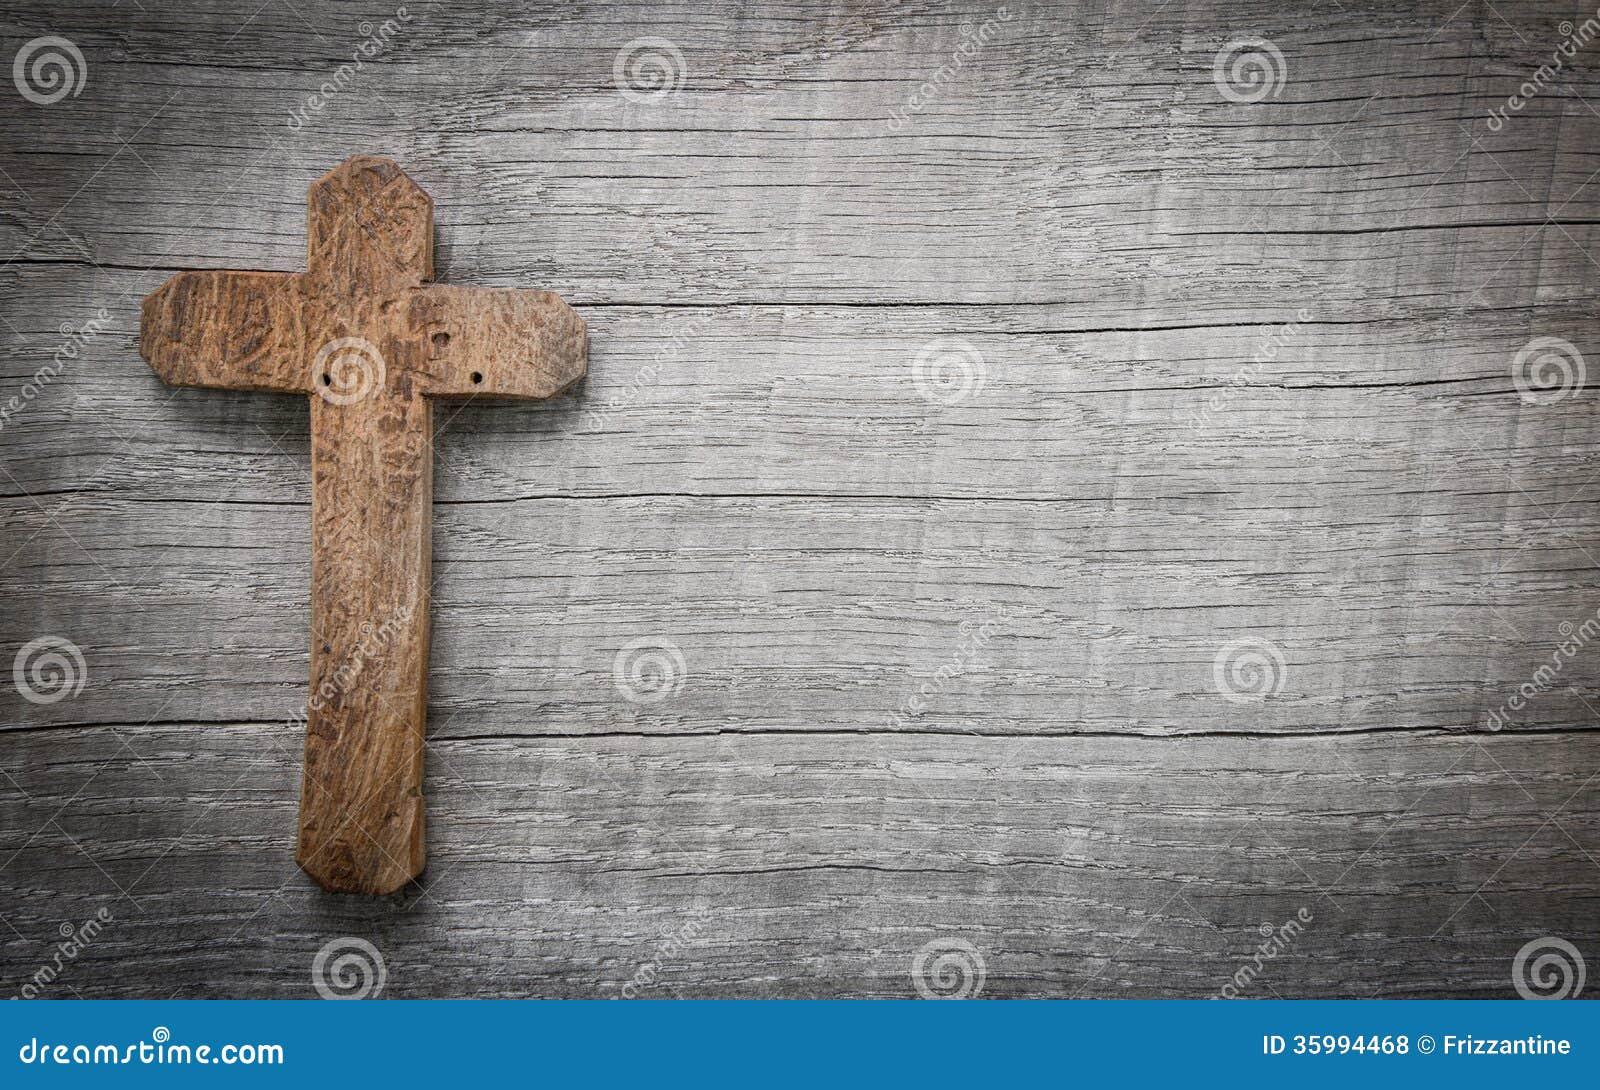 Stary i drewniany krzyż na tle